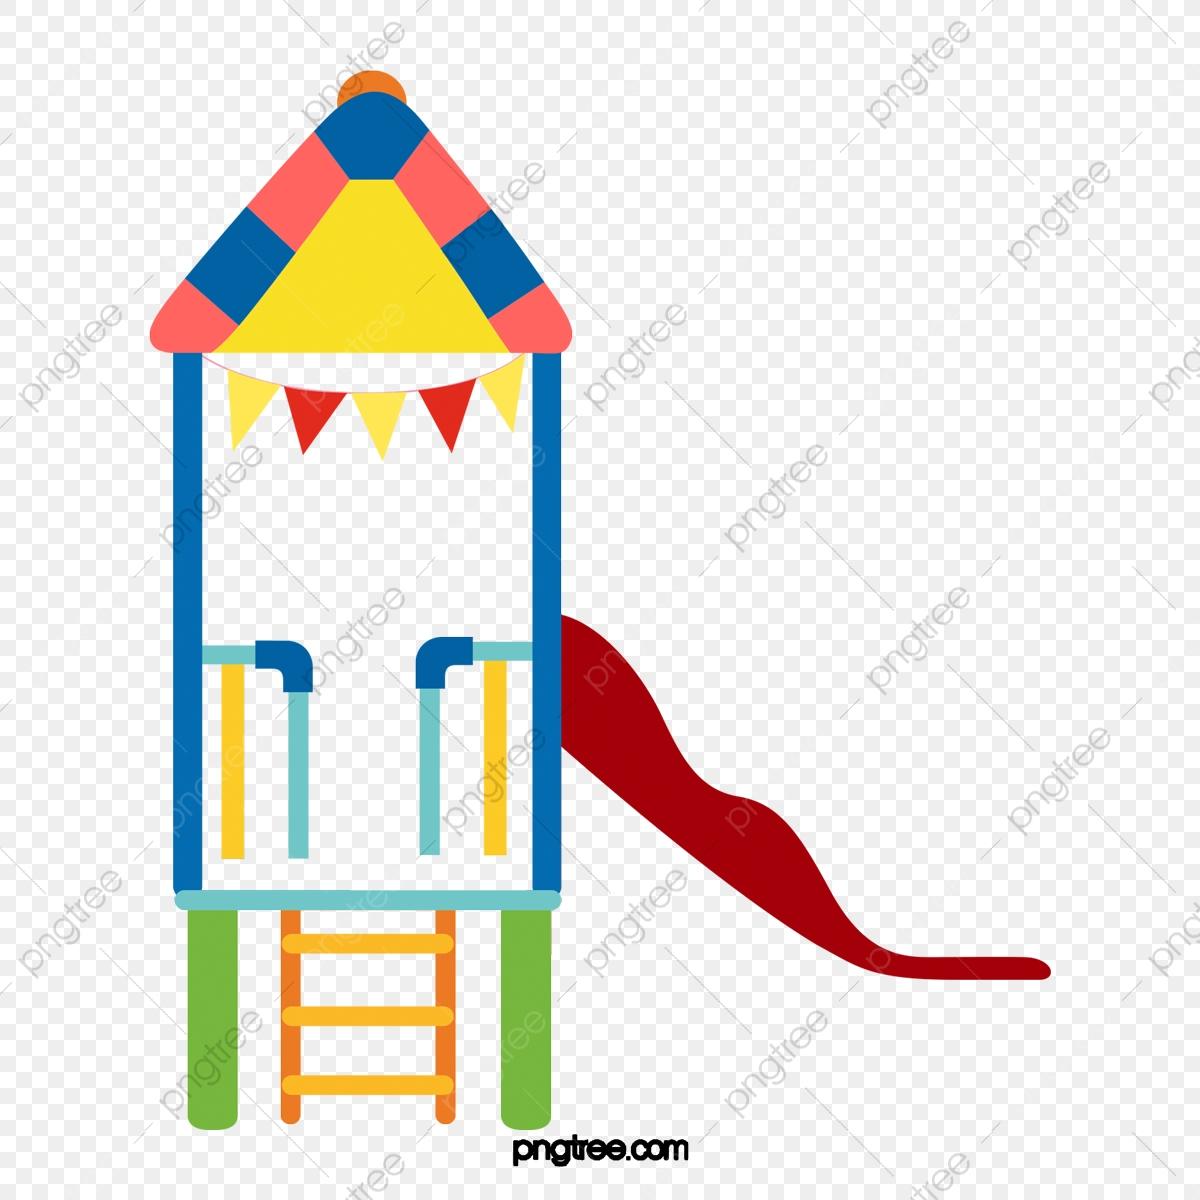 Coulisse Pour Aire De Jeux Pour Enfants Couleur, Color destiné Jeux Pour Enfan